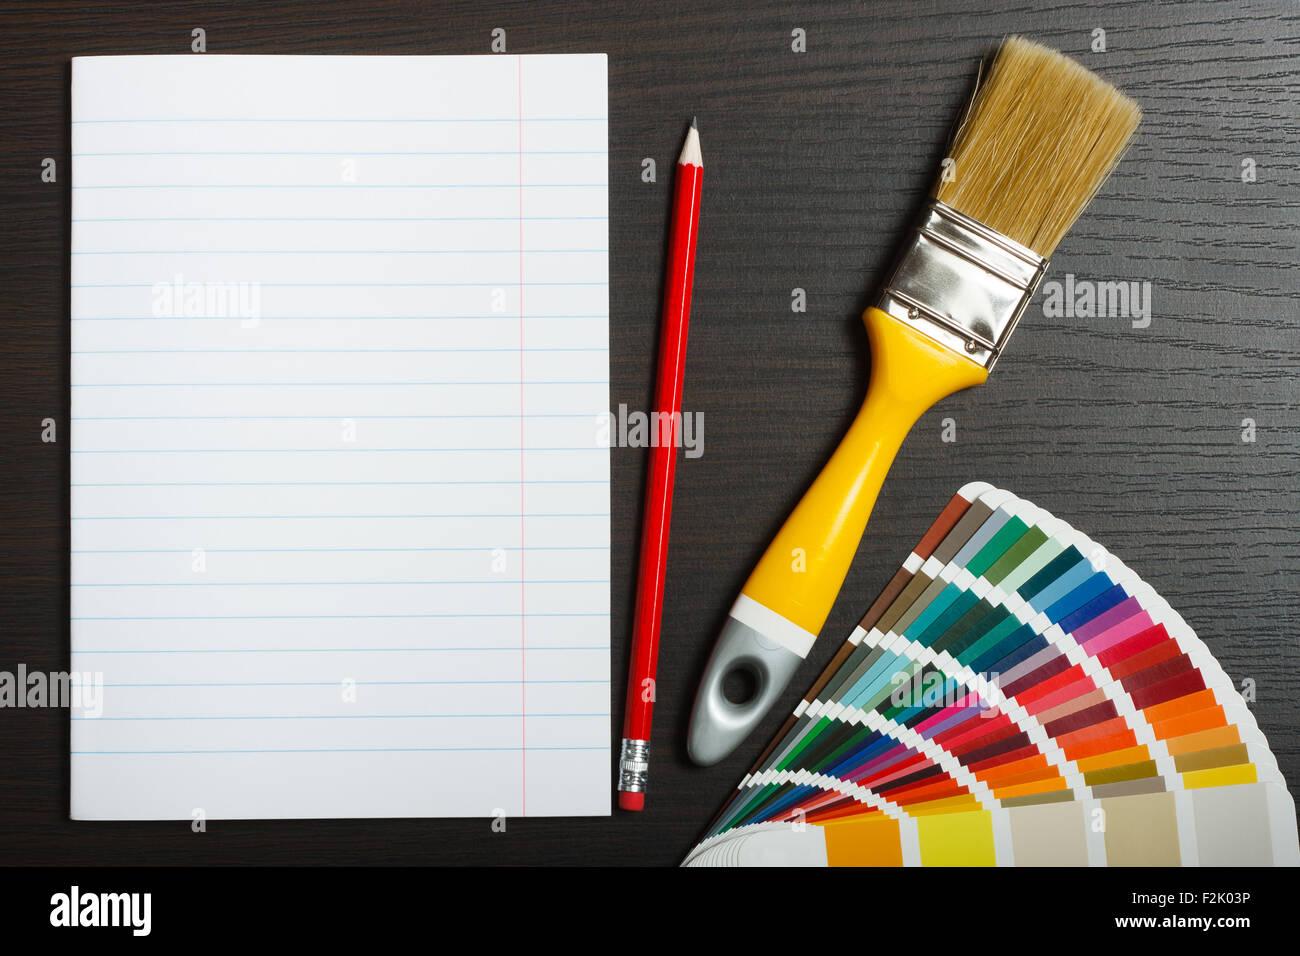 Verniciare Una Scrivania.La Preparazione Per La Verniciatura Carta Bianca Carta E